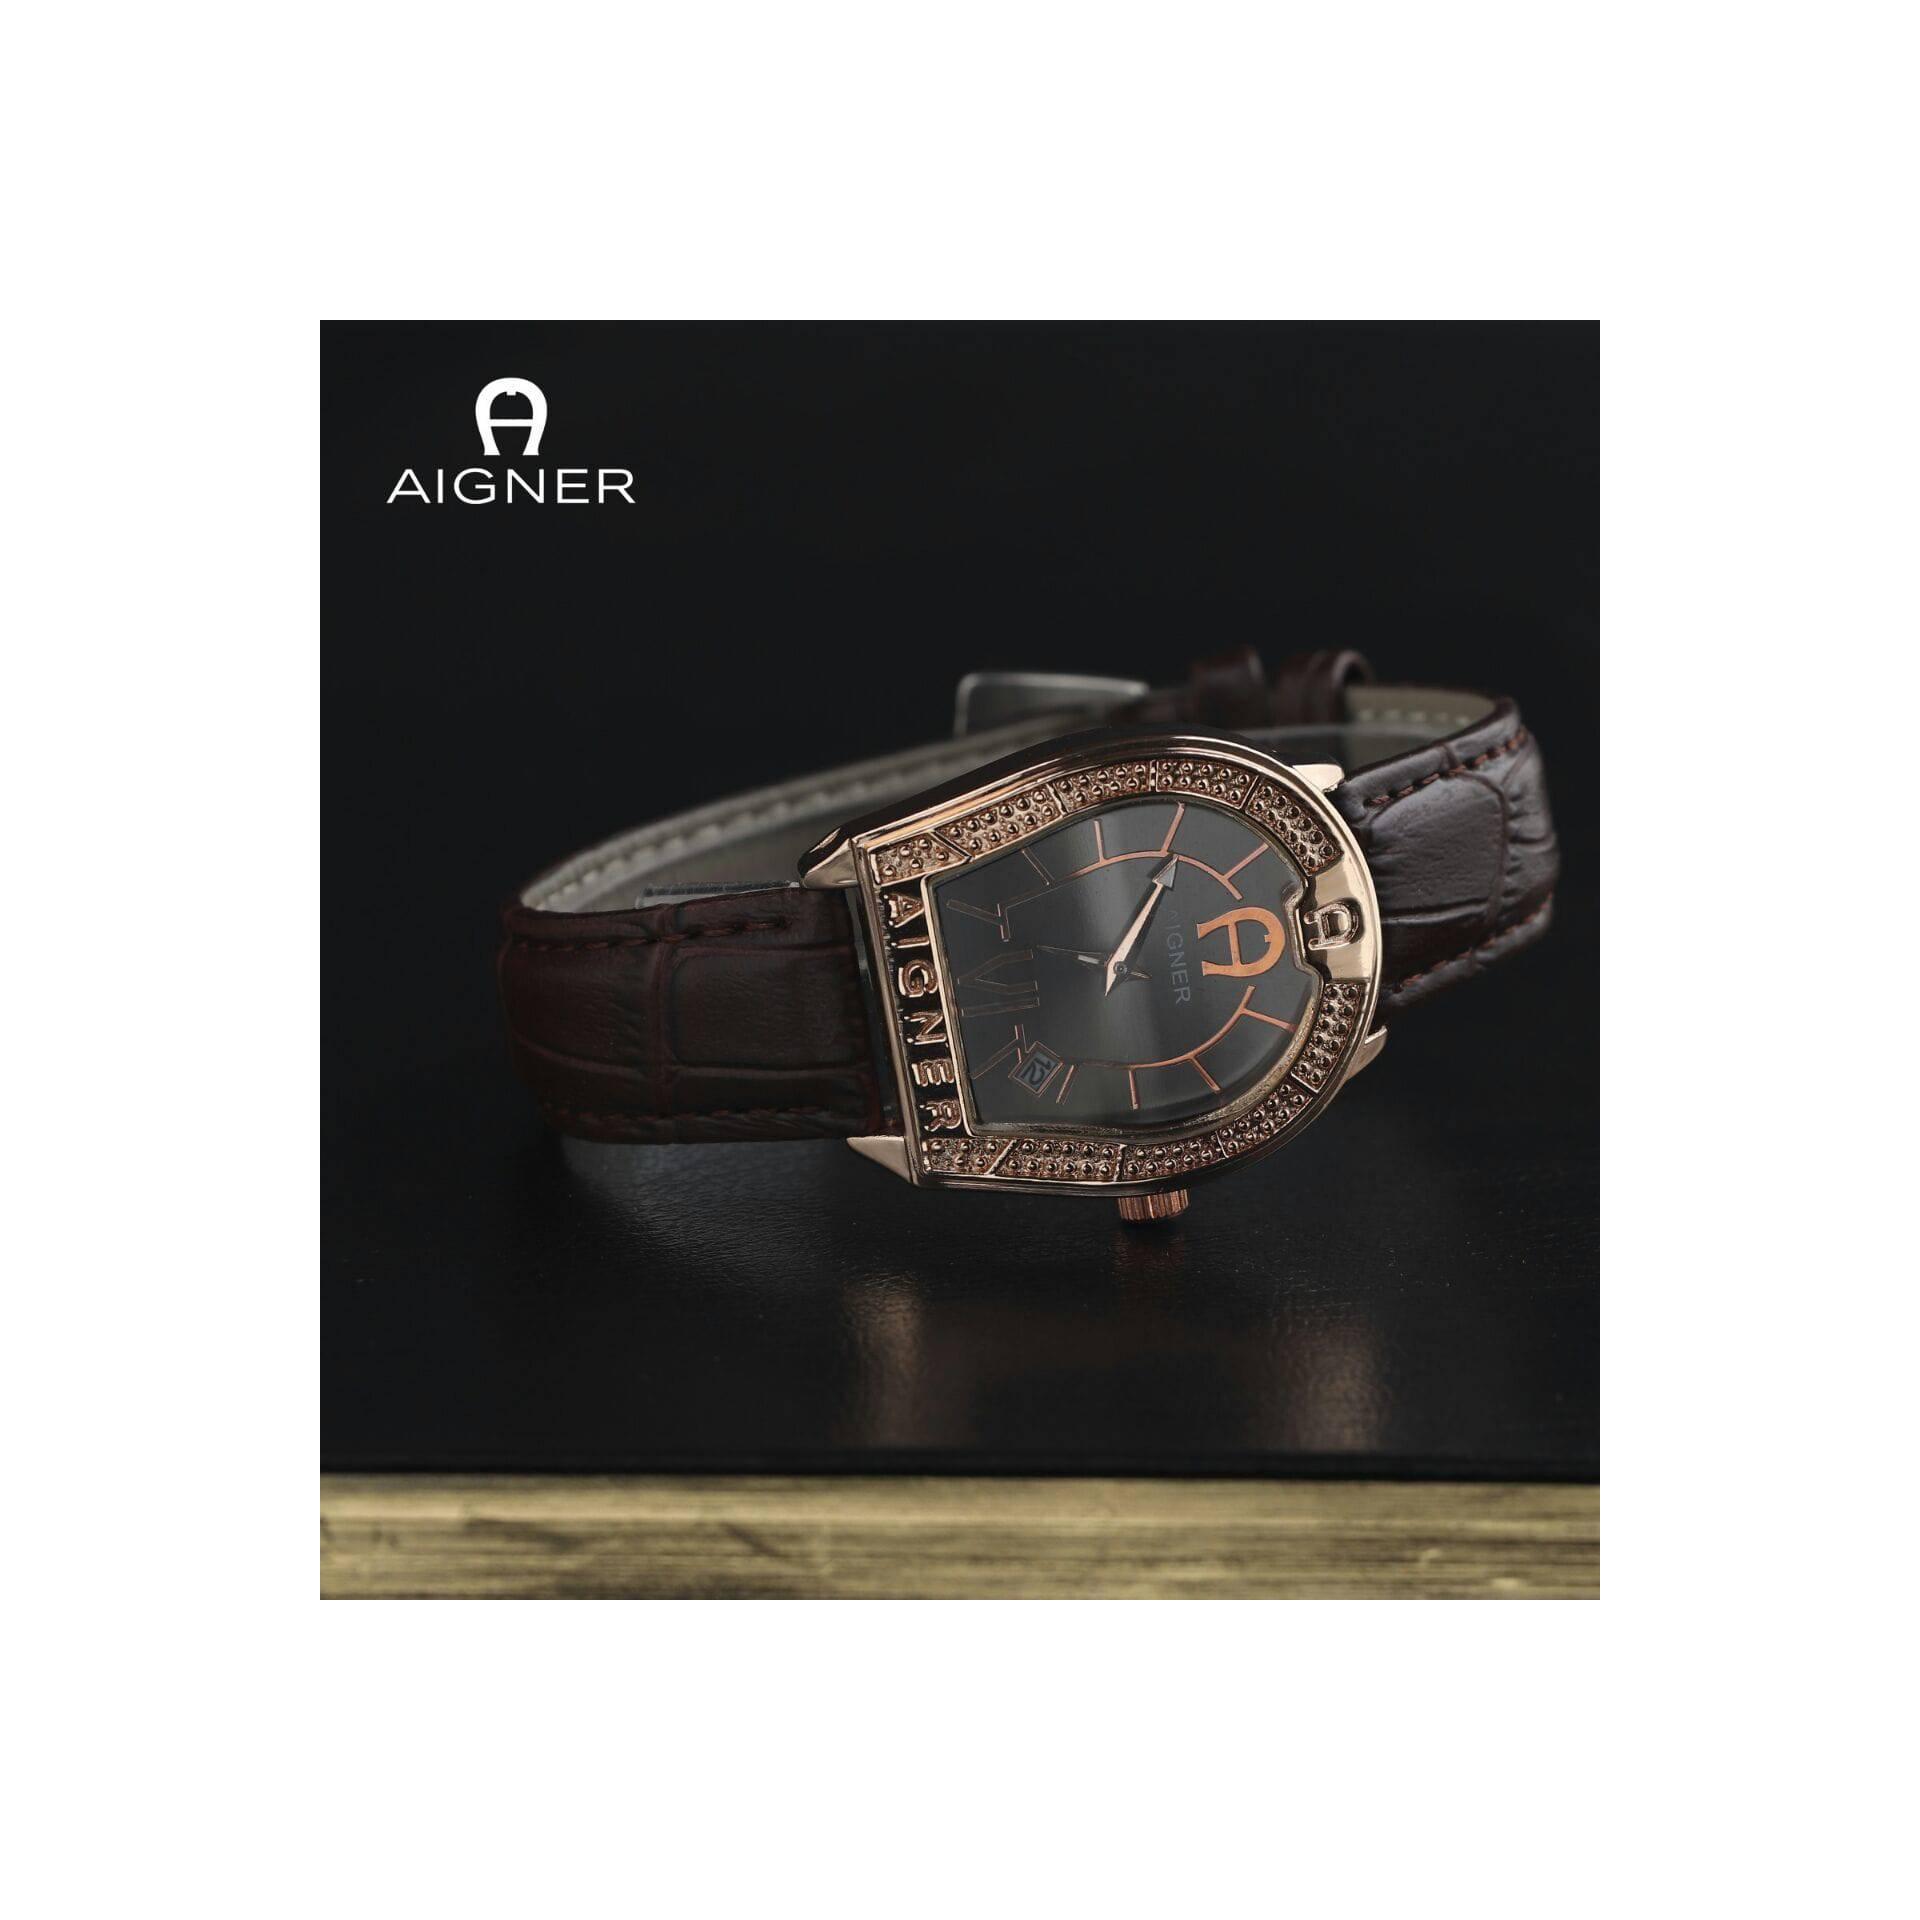 Jam Gelang Set Aigner Date Daftar Harga Terlengkap Indonesia A24268 Aprilia Biru Rosegold Tangan Wanita Gold Leather Strap